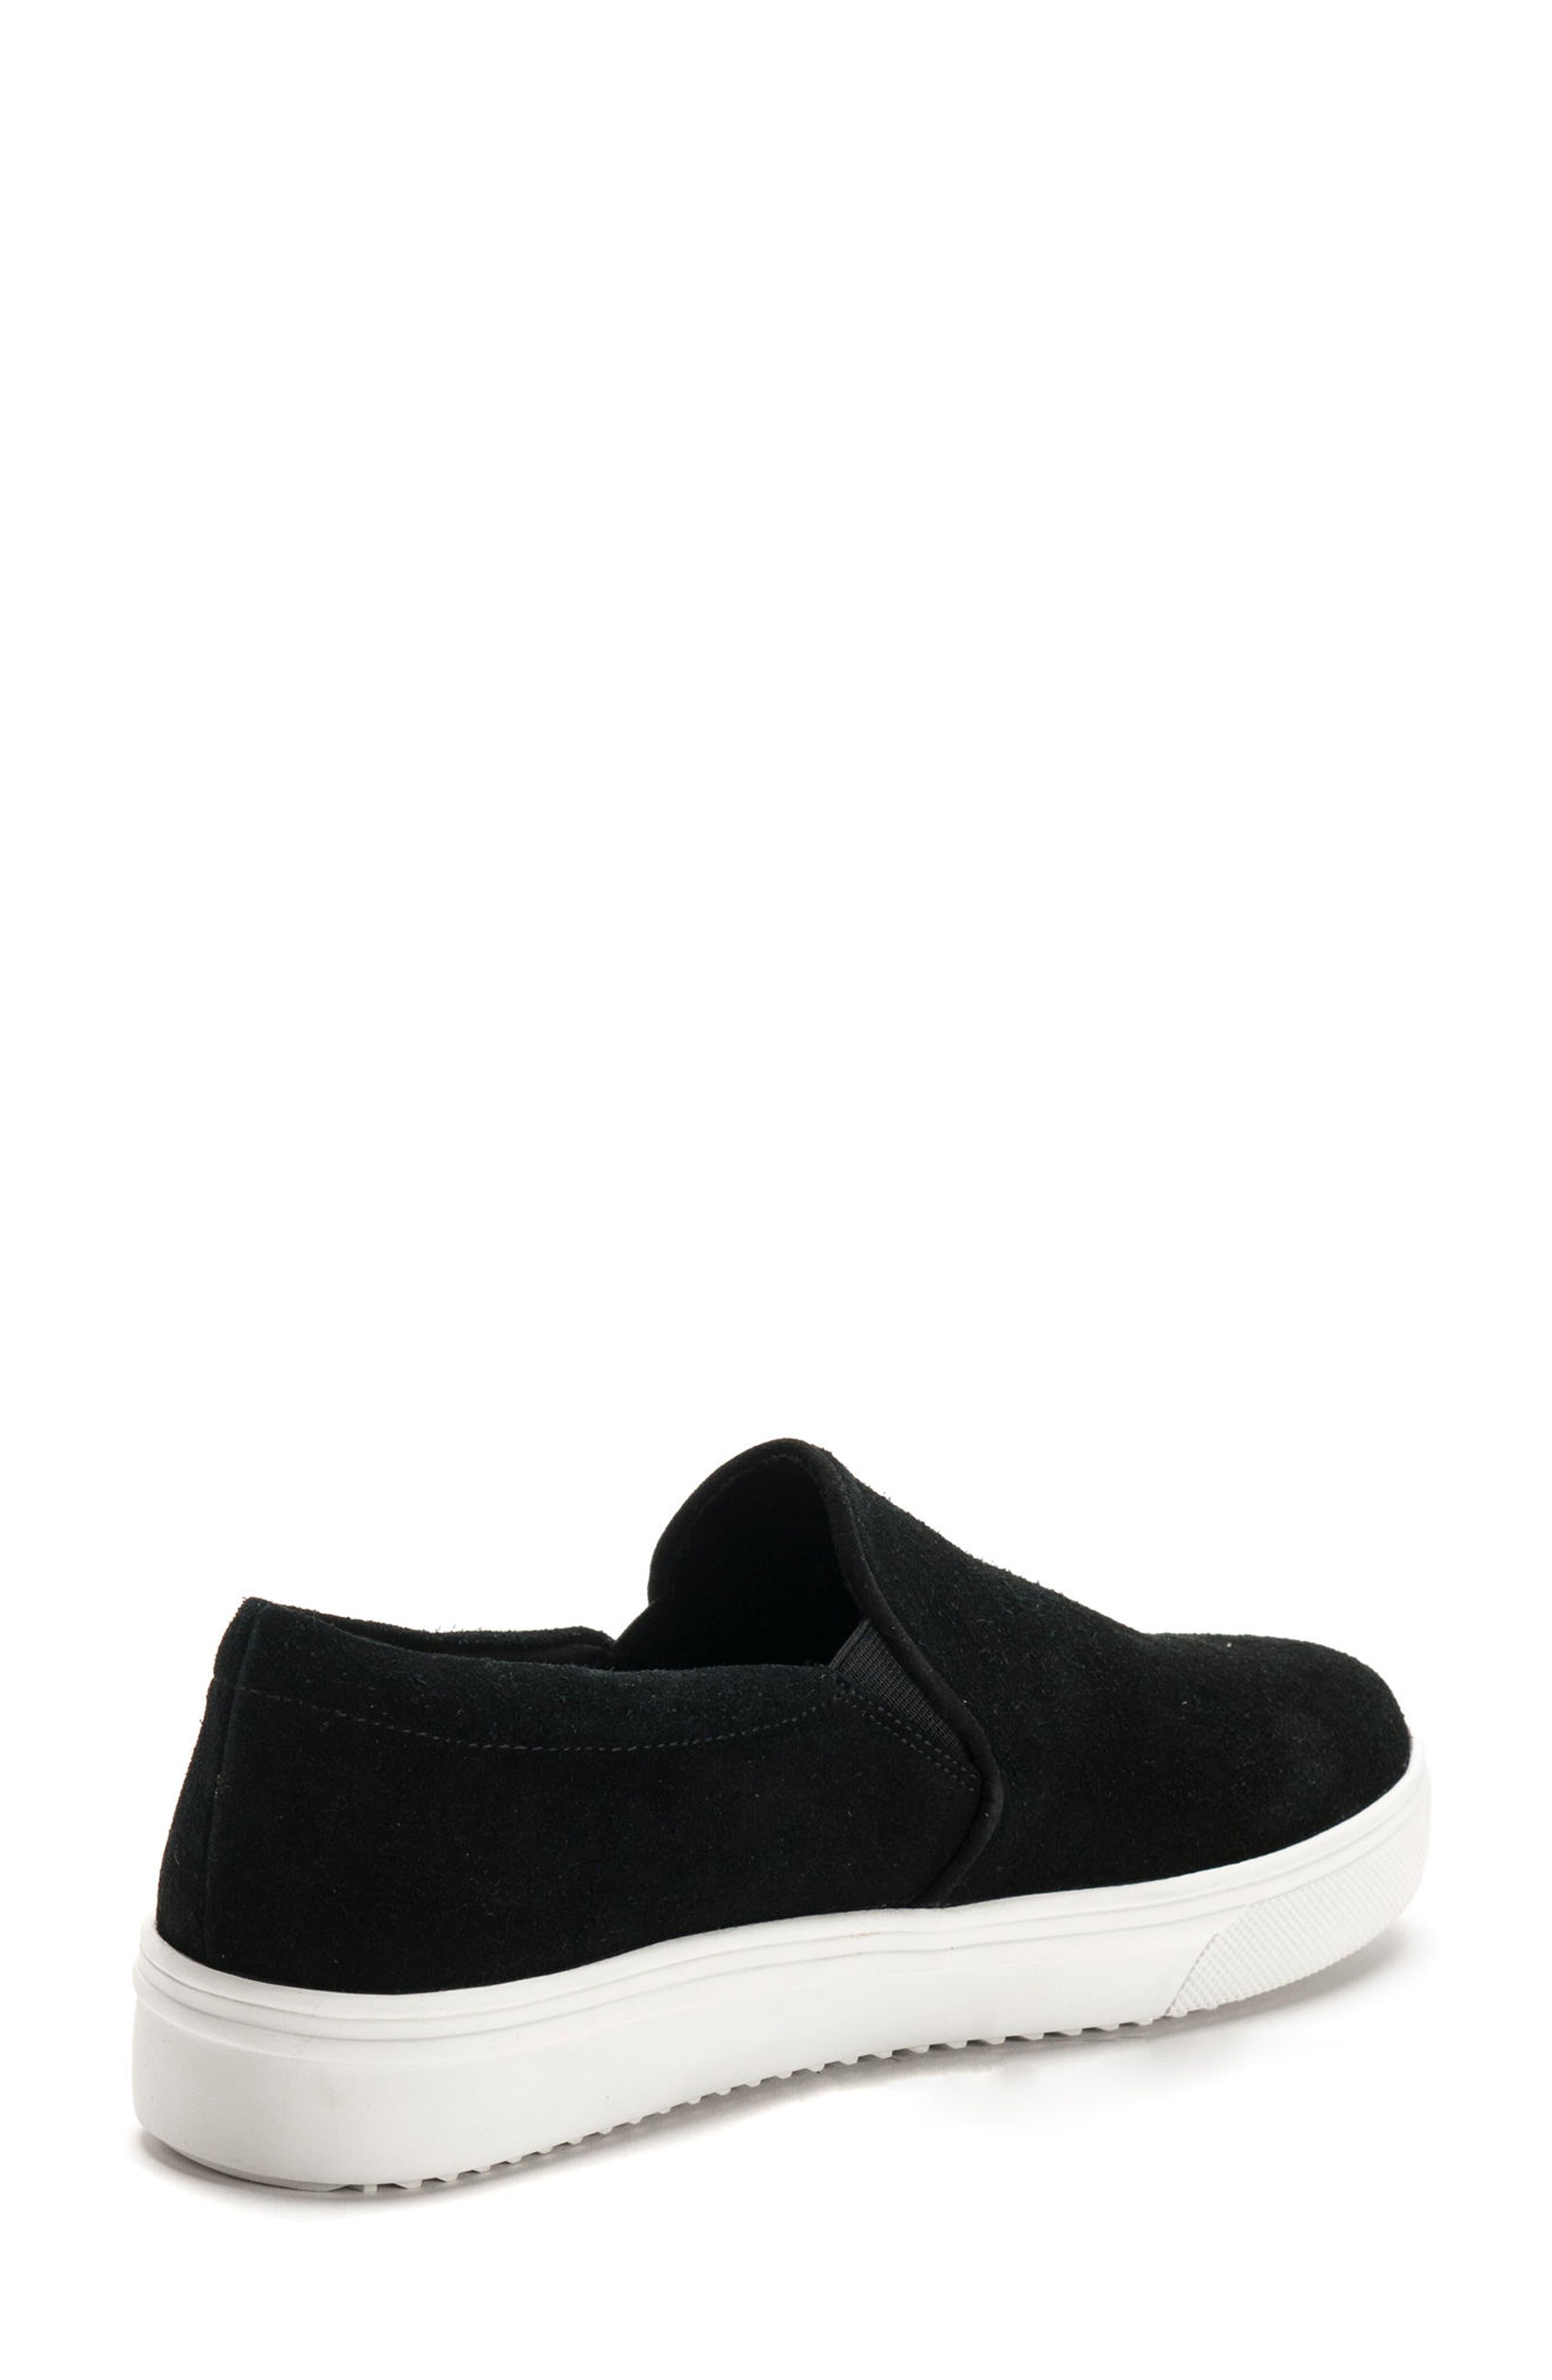 BLONDO, Gracie Waterproof Slip-On Sneaker, Alternate thumbnail 2, color, BLACK SUEDE